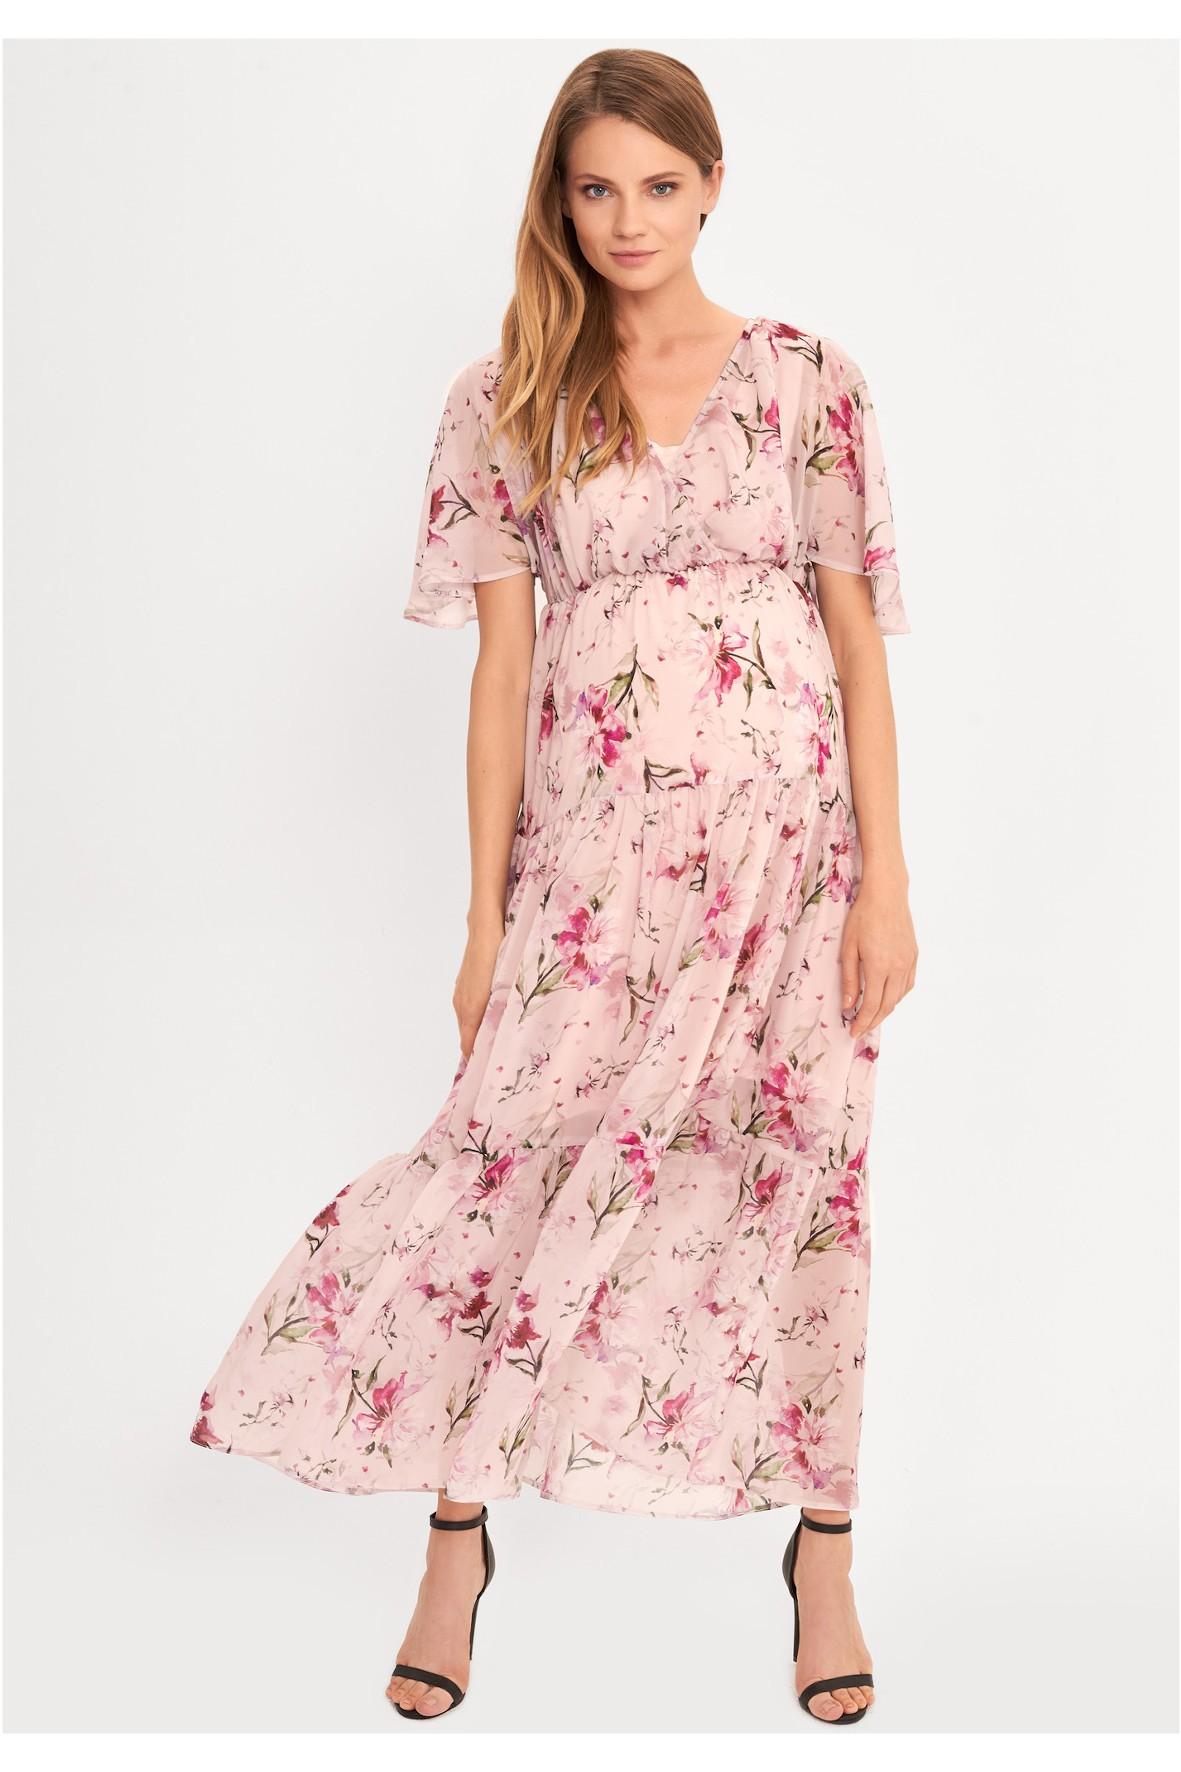 Sukienka ciążowa i dla karmiącej mamy Maxi- różowa w kwiaty